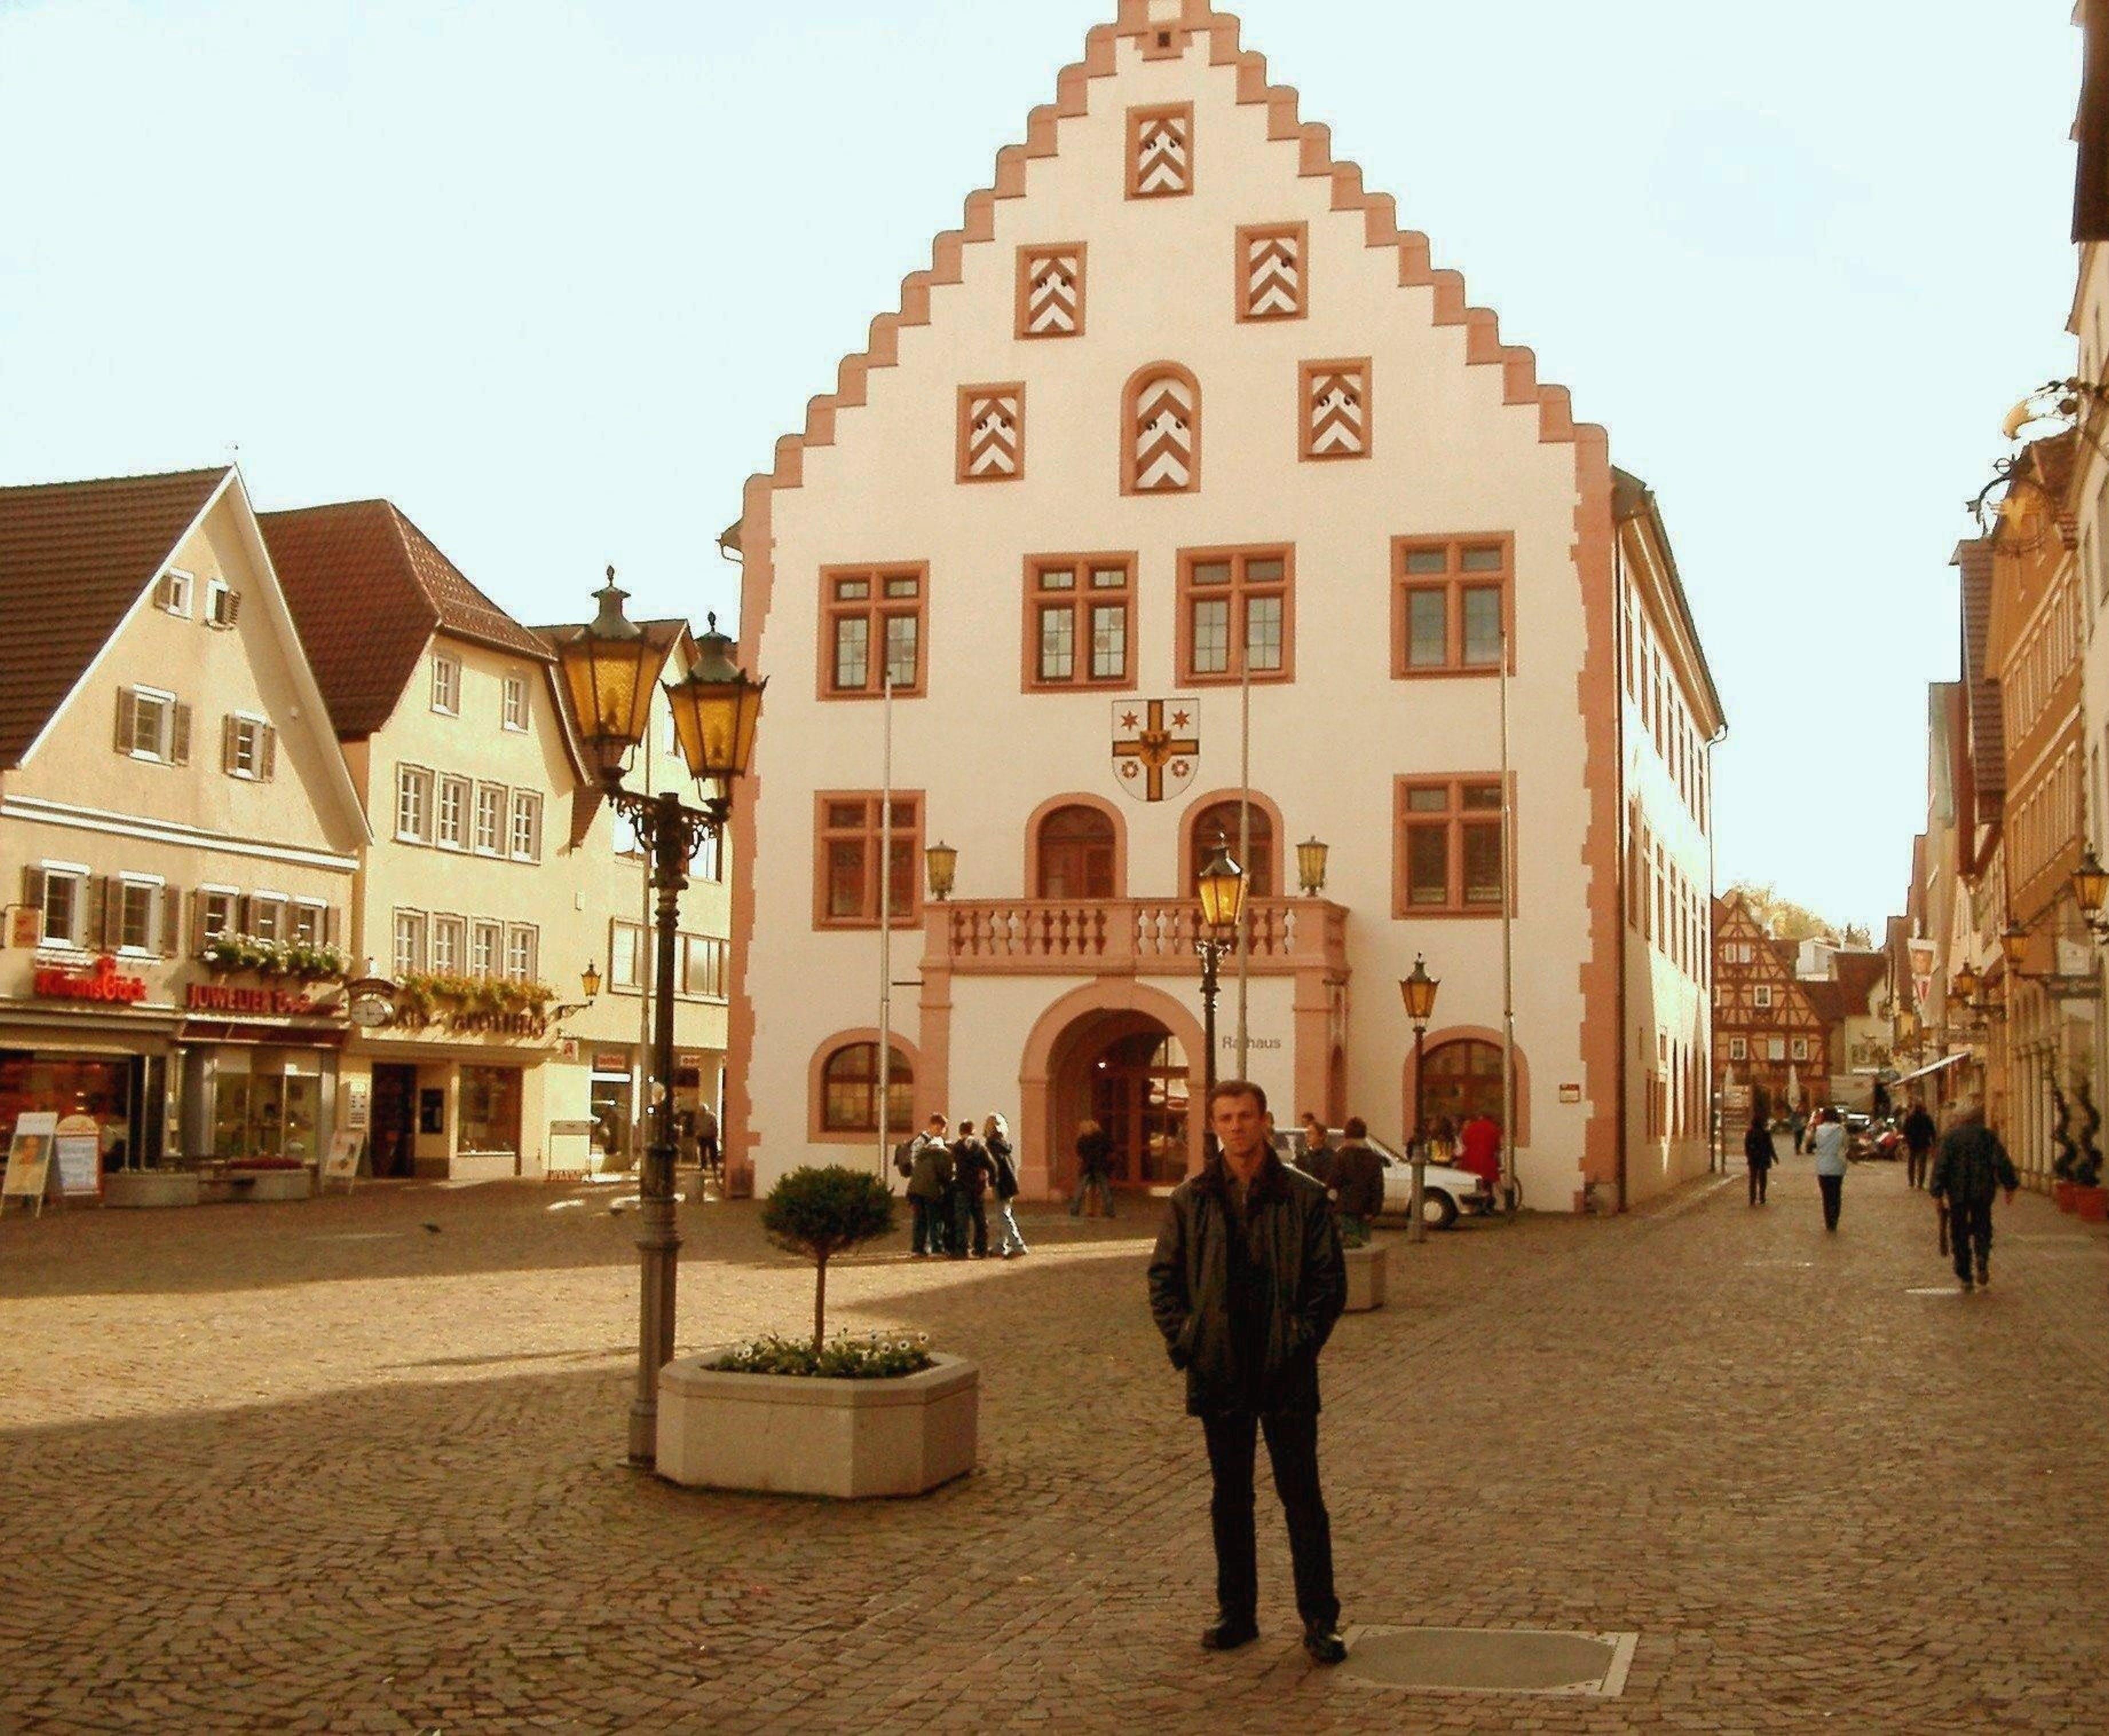 Free stock photo of germany, deutschland, Bad Mergentheim